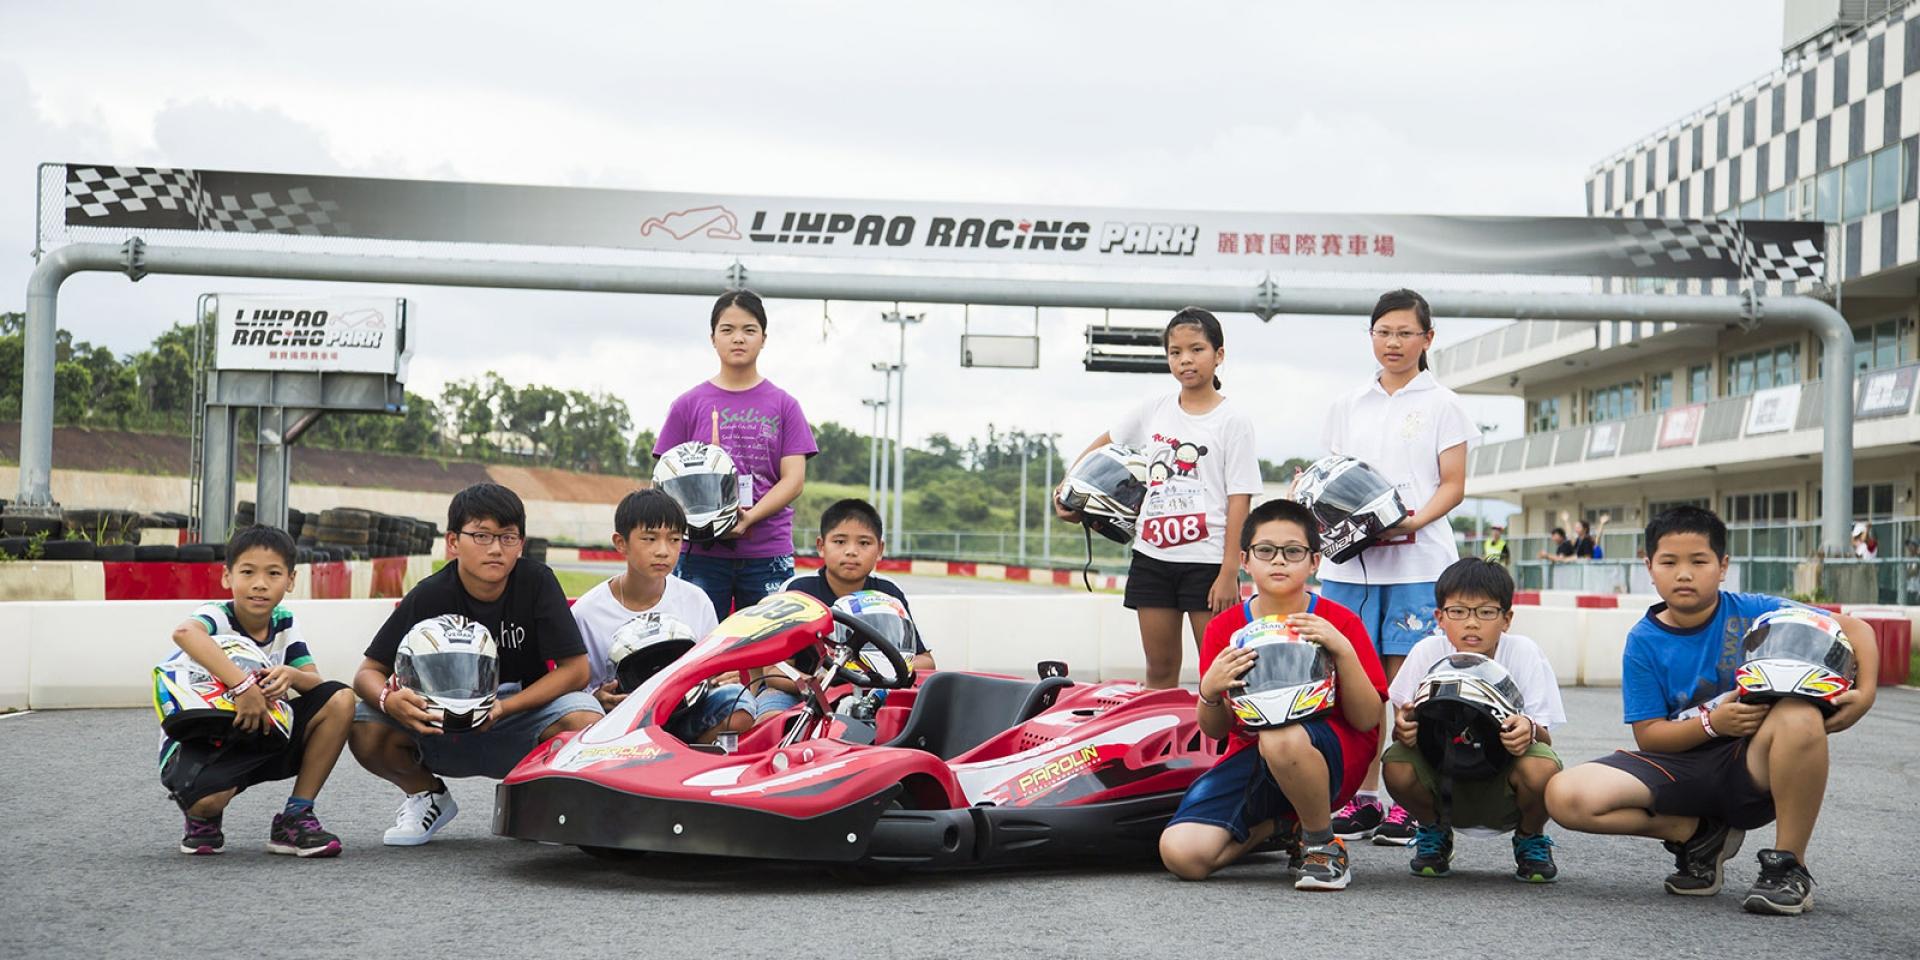 官方新聞稿。麗寶國際賽車場攜手台灣賽車教父陳俊杉 賽車夏令營重磅登場